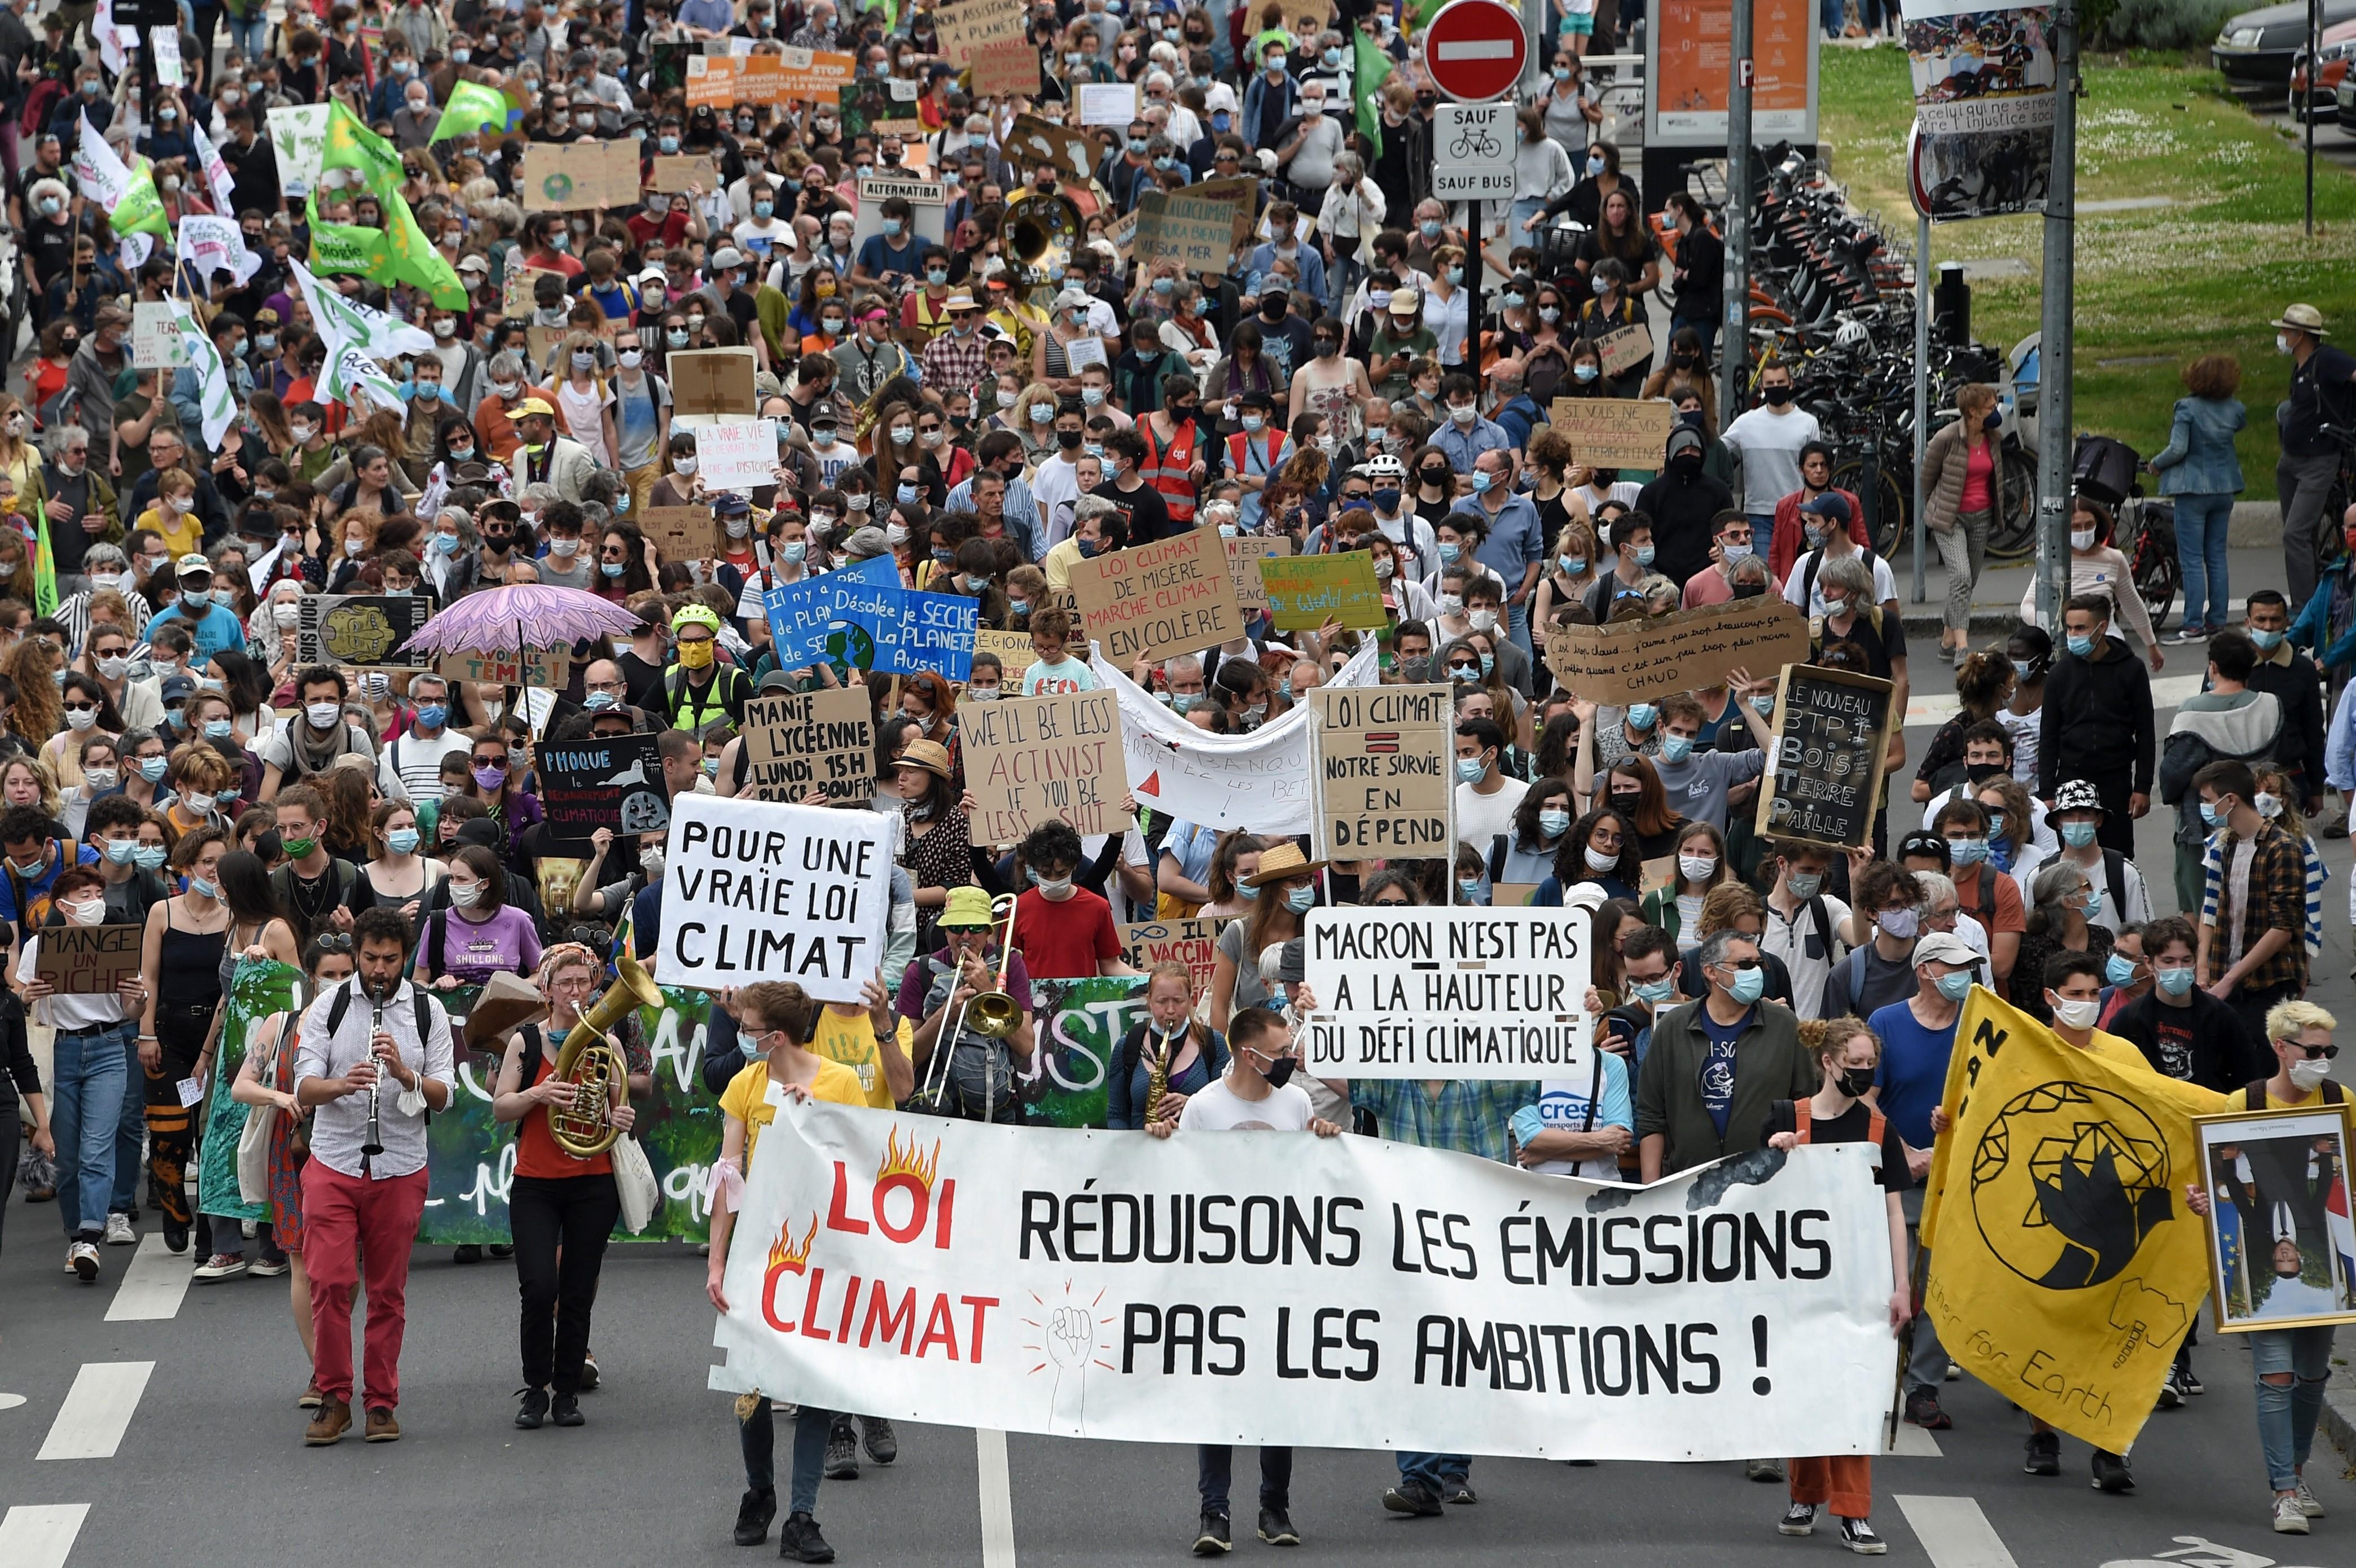 Franceses vão às ruas para pedir que proteção do clima faça parte da Constituição